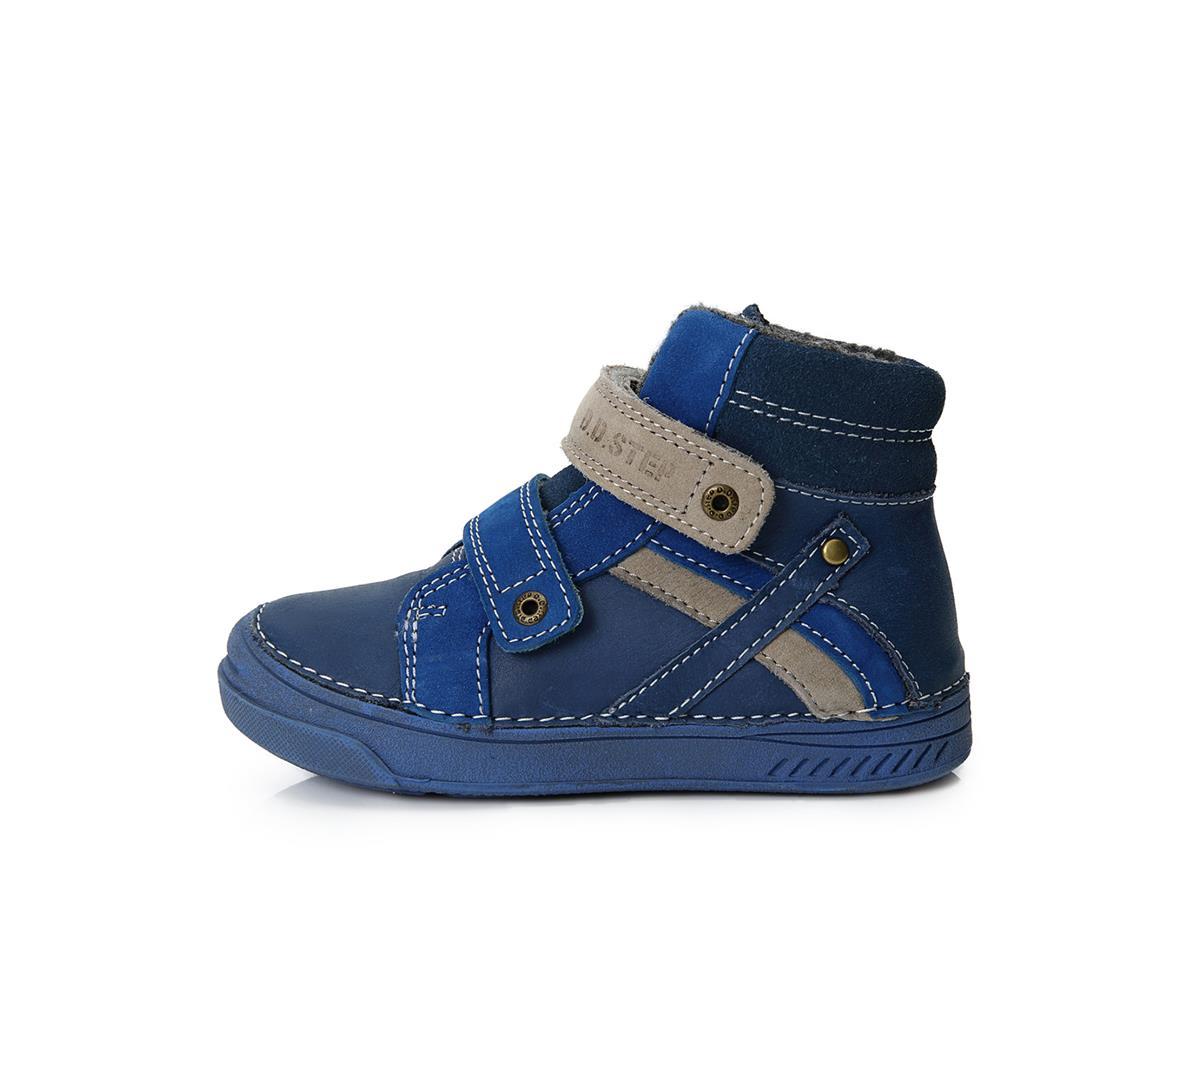 031c808eb4e Dětské zimní boty D.D.STEP 040-25 modré vel.25